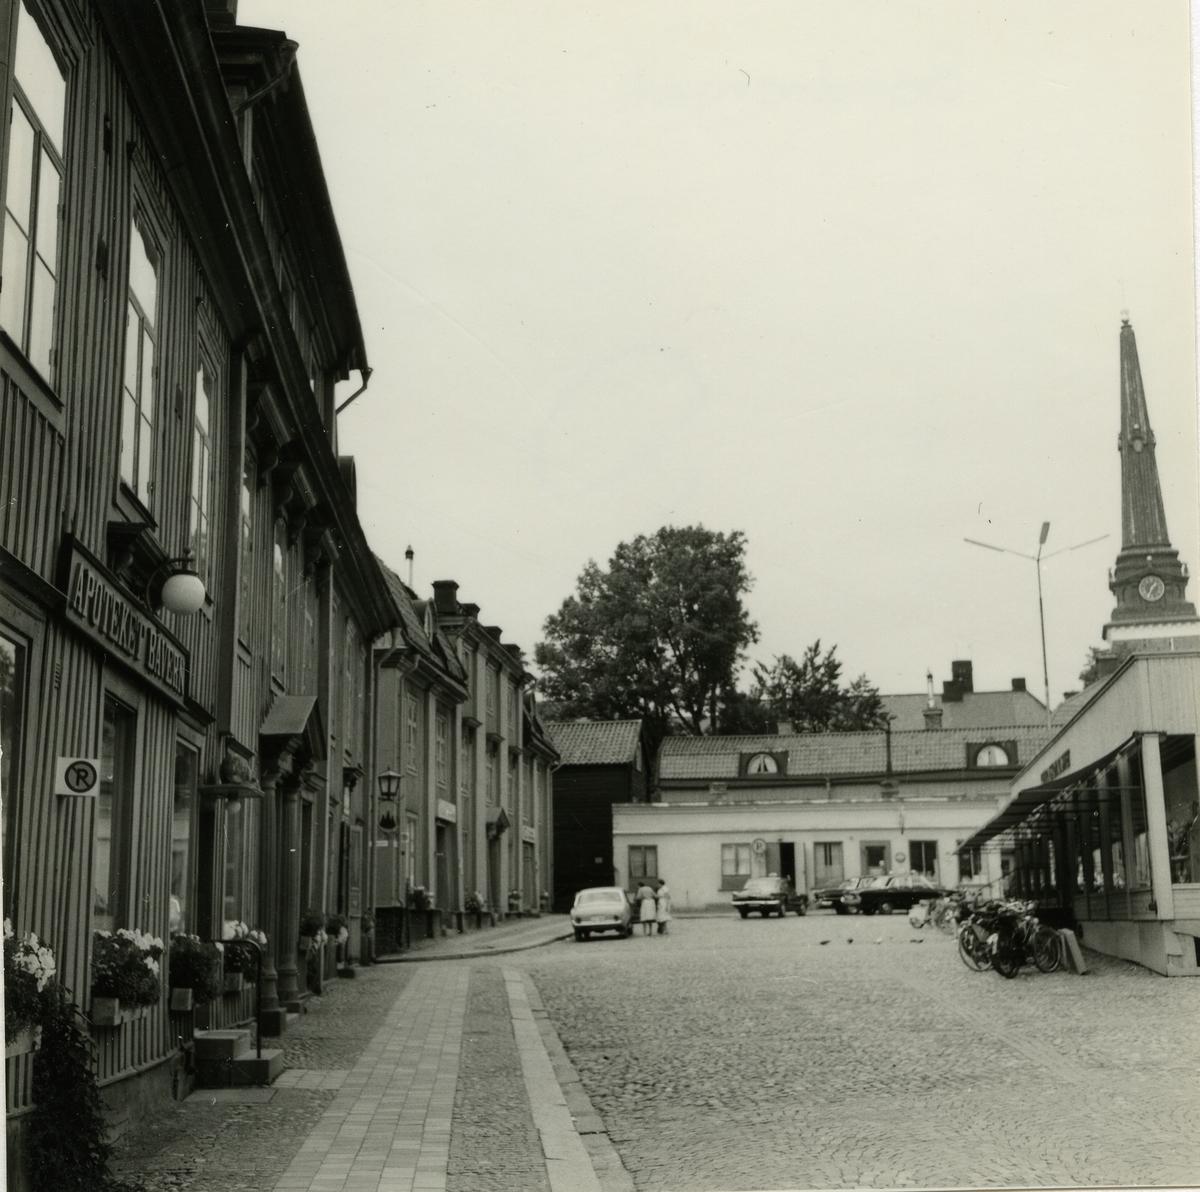 Västerås. Bondtorget mot norr, med apoteket Bävern, domkyrktorn m.m. 1964.